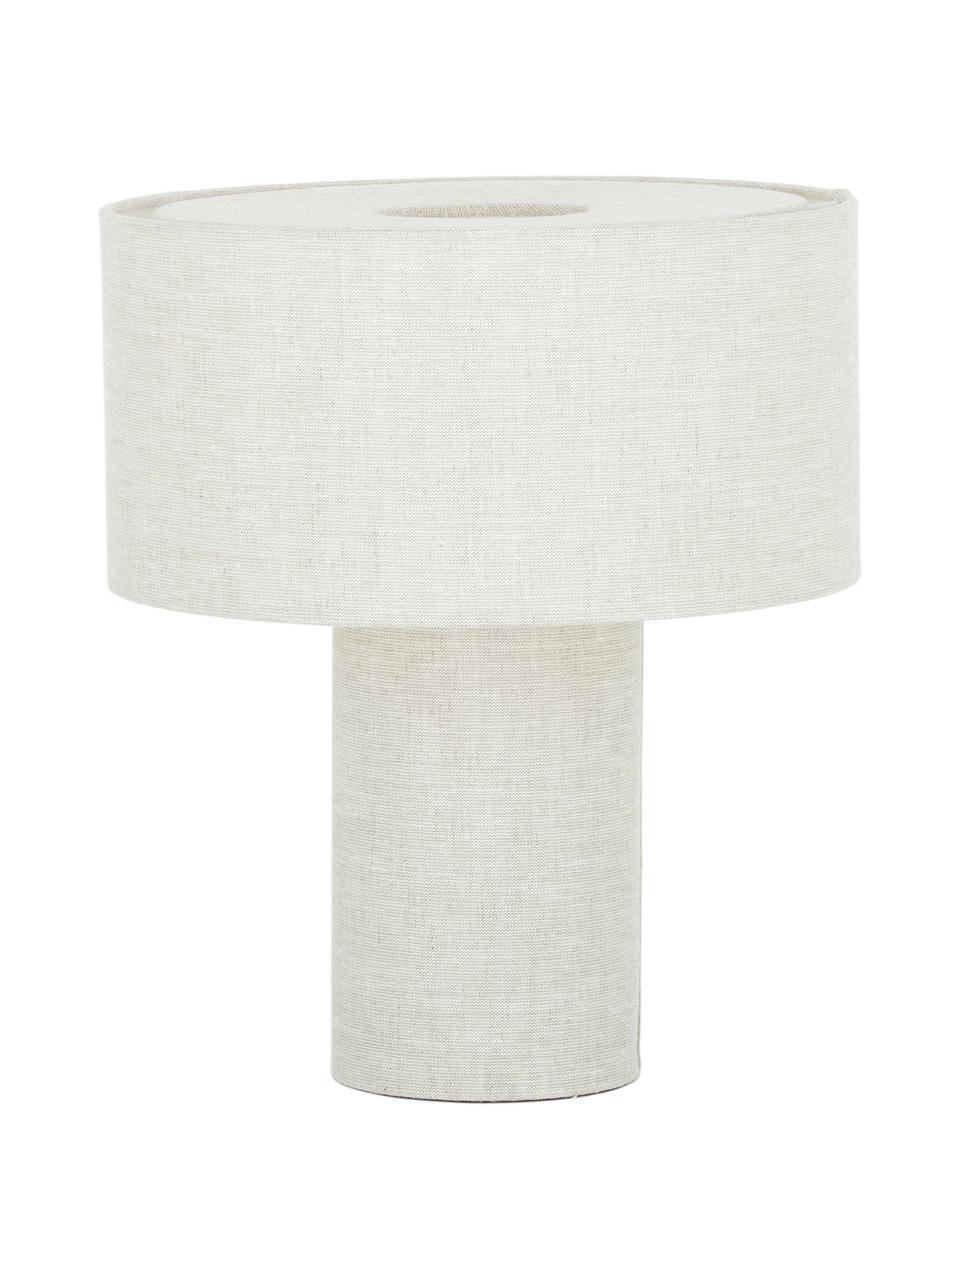 Tischlampe Ron in Beige, Lampenschirm: Textil, Lampenfuß: Textil, Beige, Ø 30 x H 35 cm